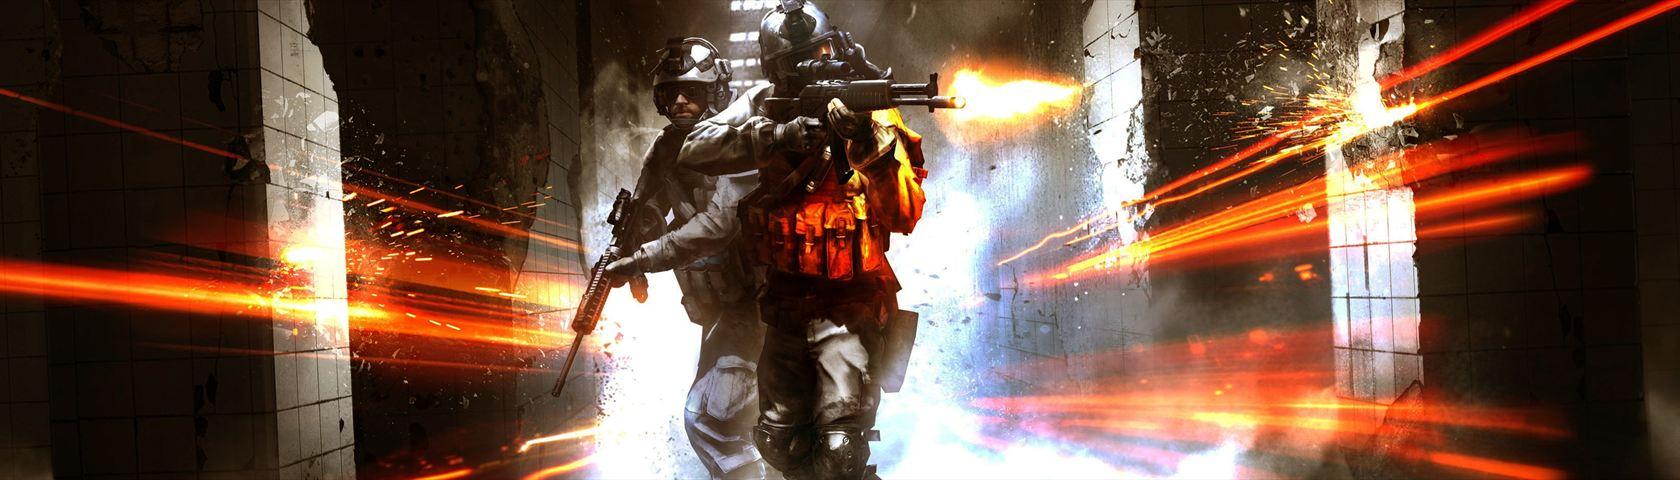 Battlefield 3: Fire Fight